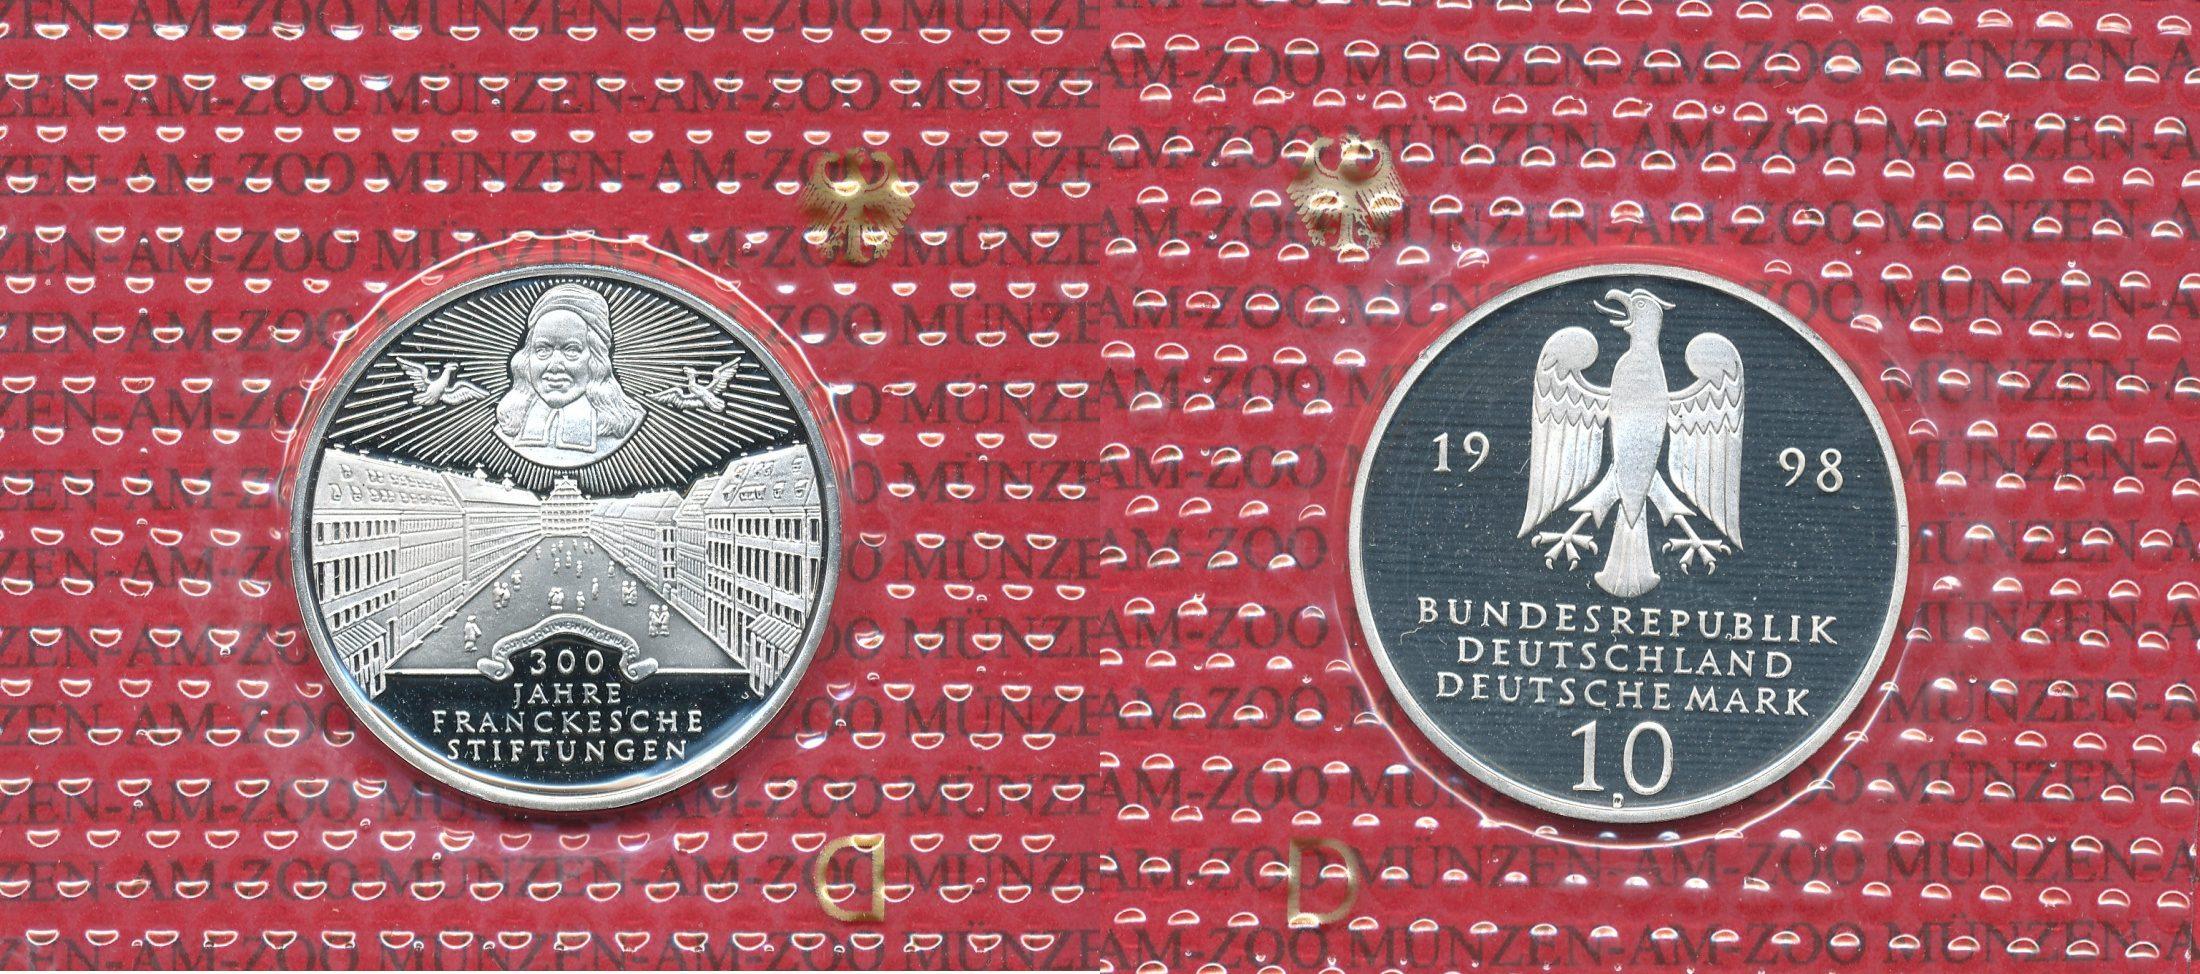 10 DM Silbermünze 1998 Bundesrepublik Deutschland Bundesrepublik Deutschland, 10 DM 1998 D 300 Jahre Franckesche Stiftungen Spiegelglanz / PP